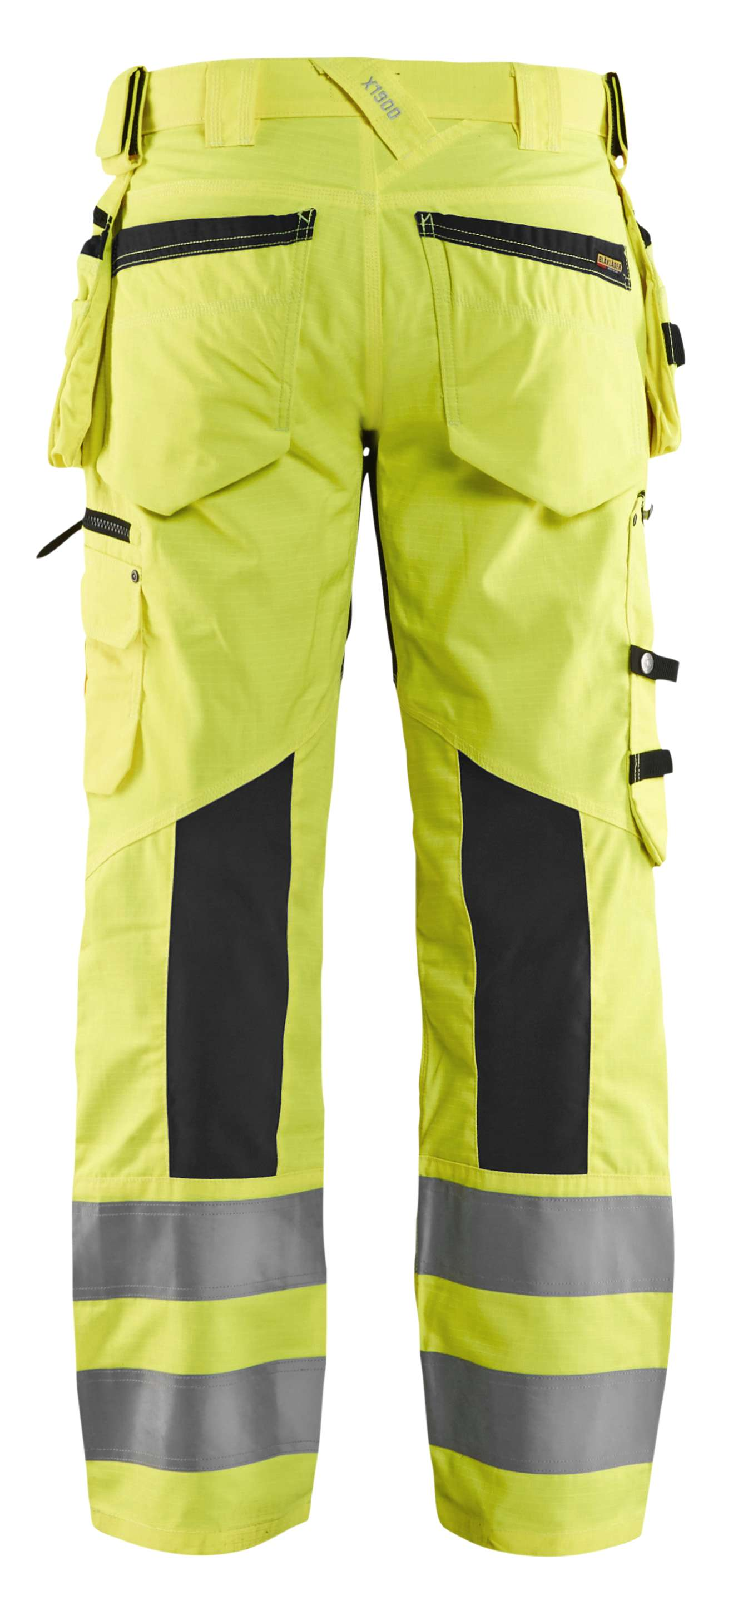 Blaklader Softshell werkbroeken 19951831 High Vis geel-zwart(3399)